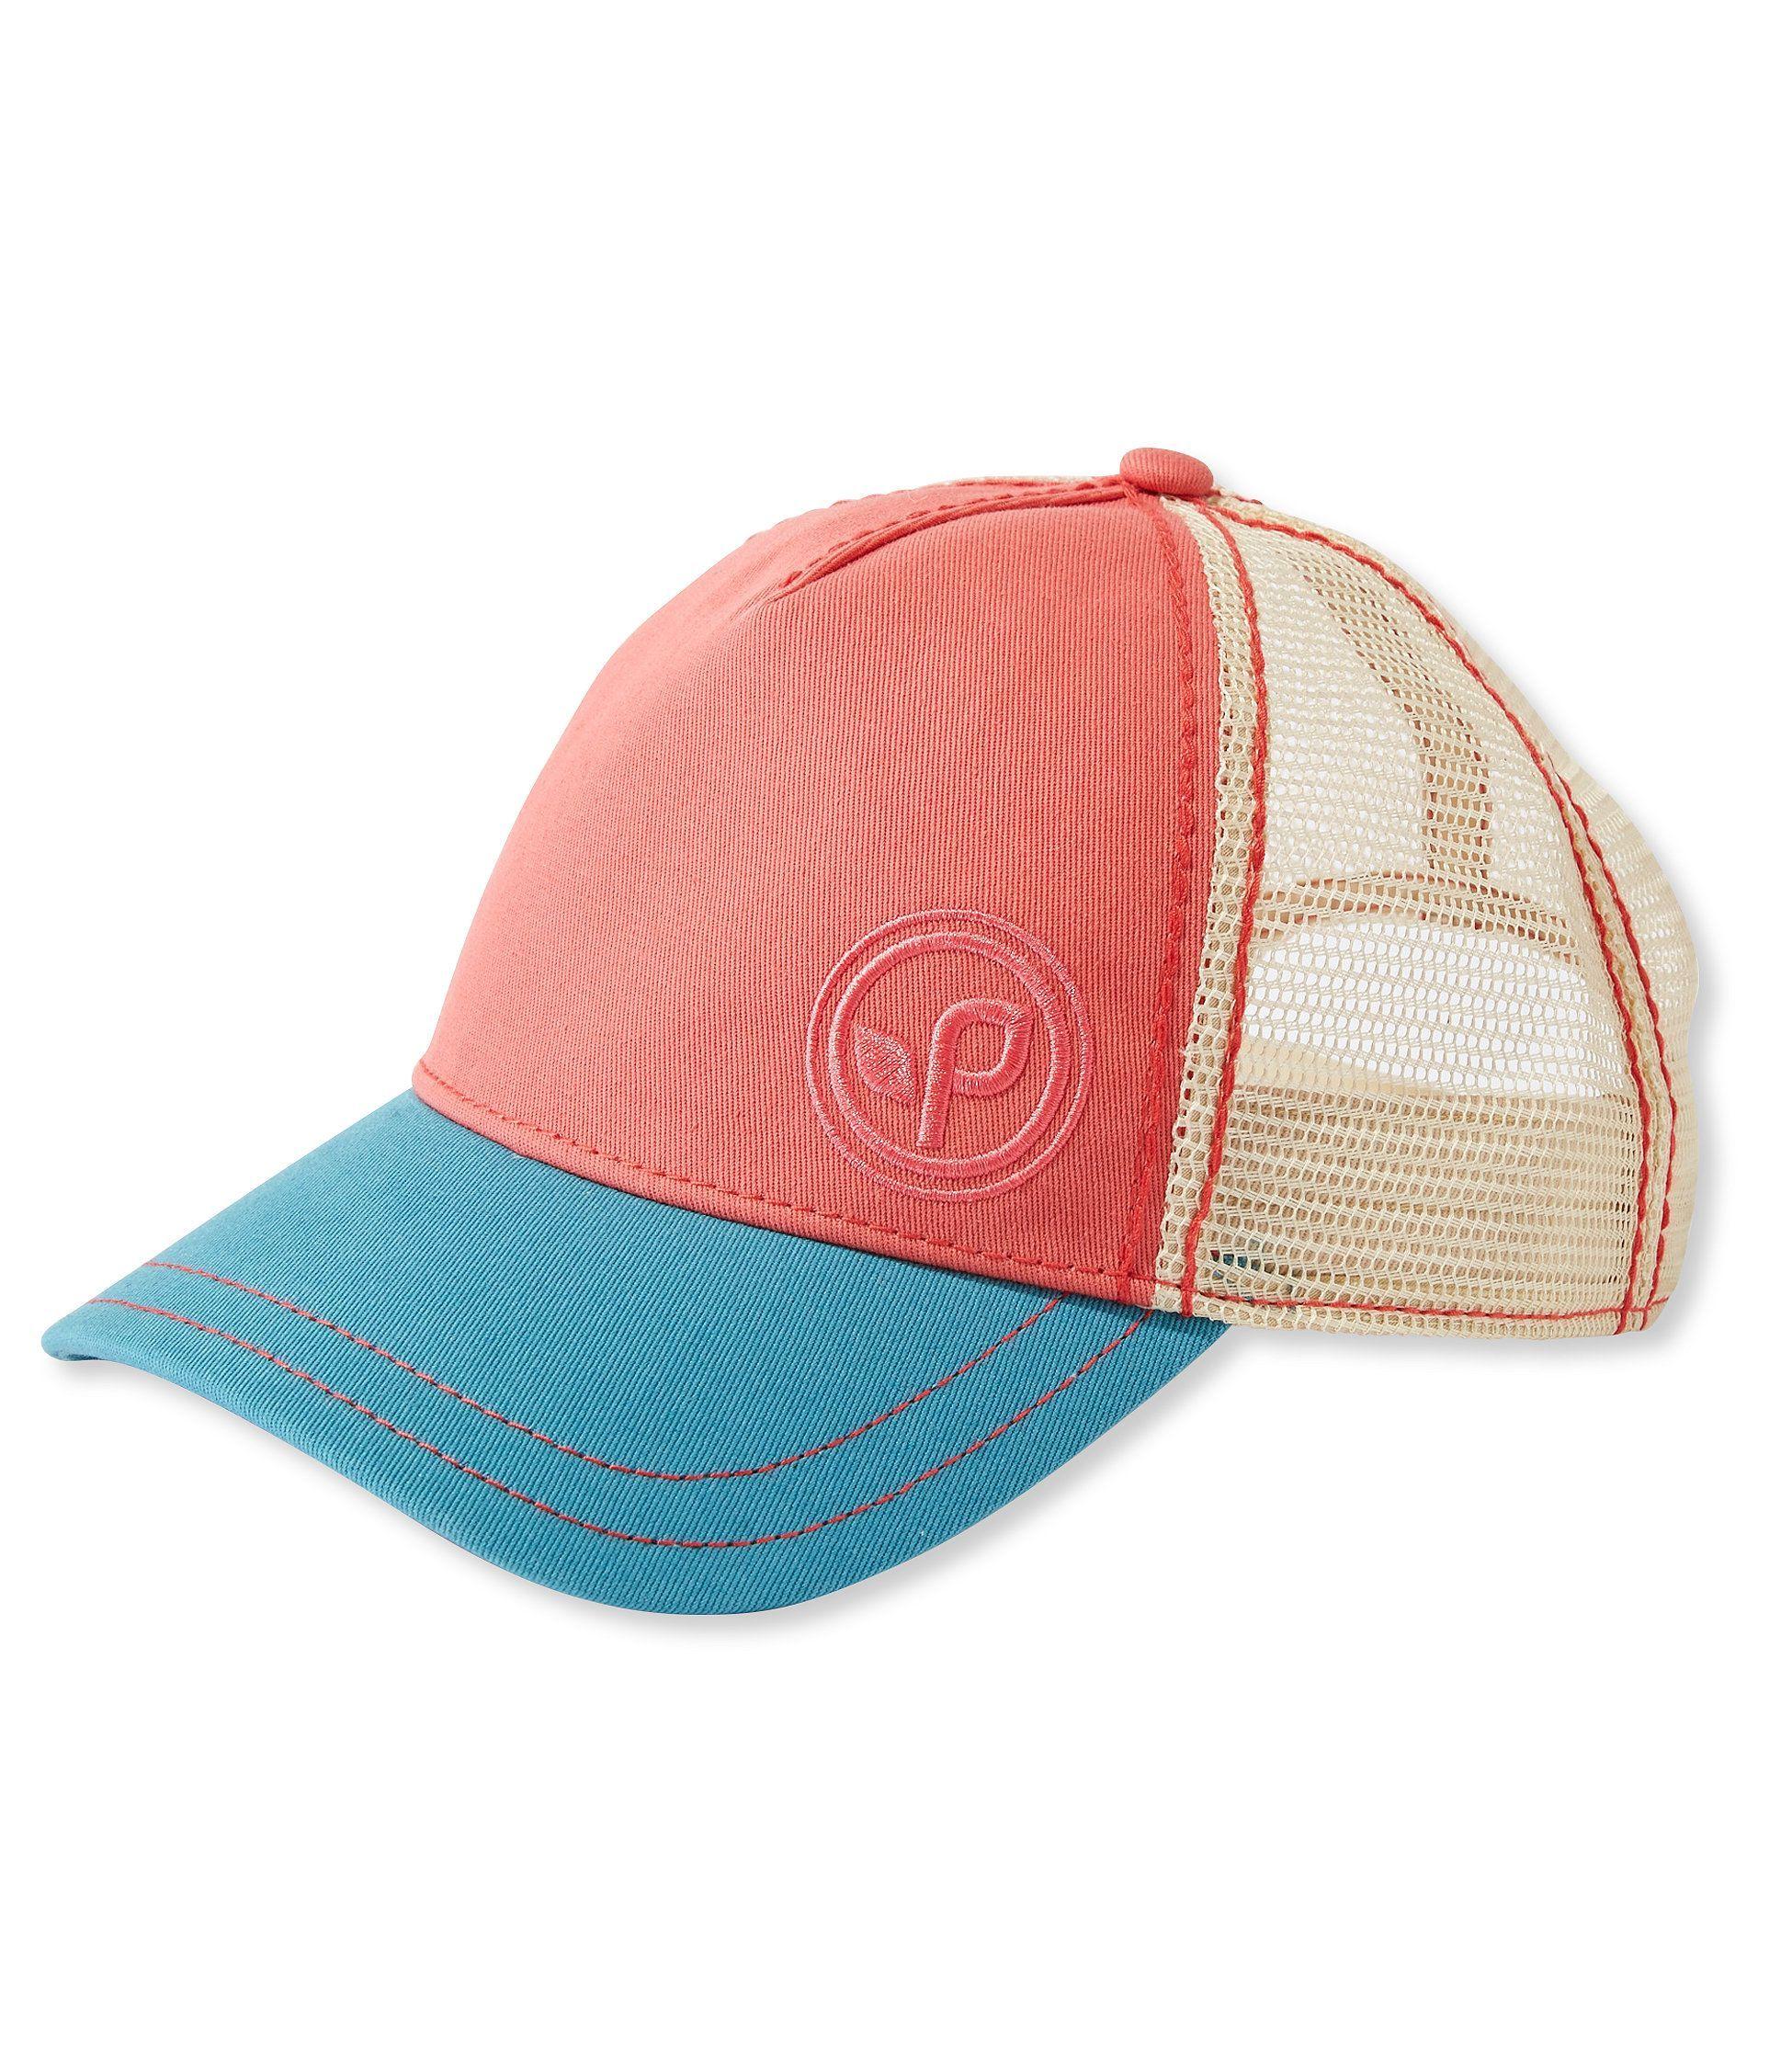 ed9d3656724 Pistil Buttercup Cap | Products | Hats, Truck caps, Cap